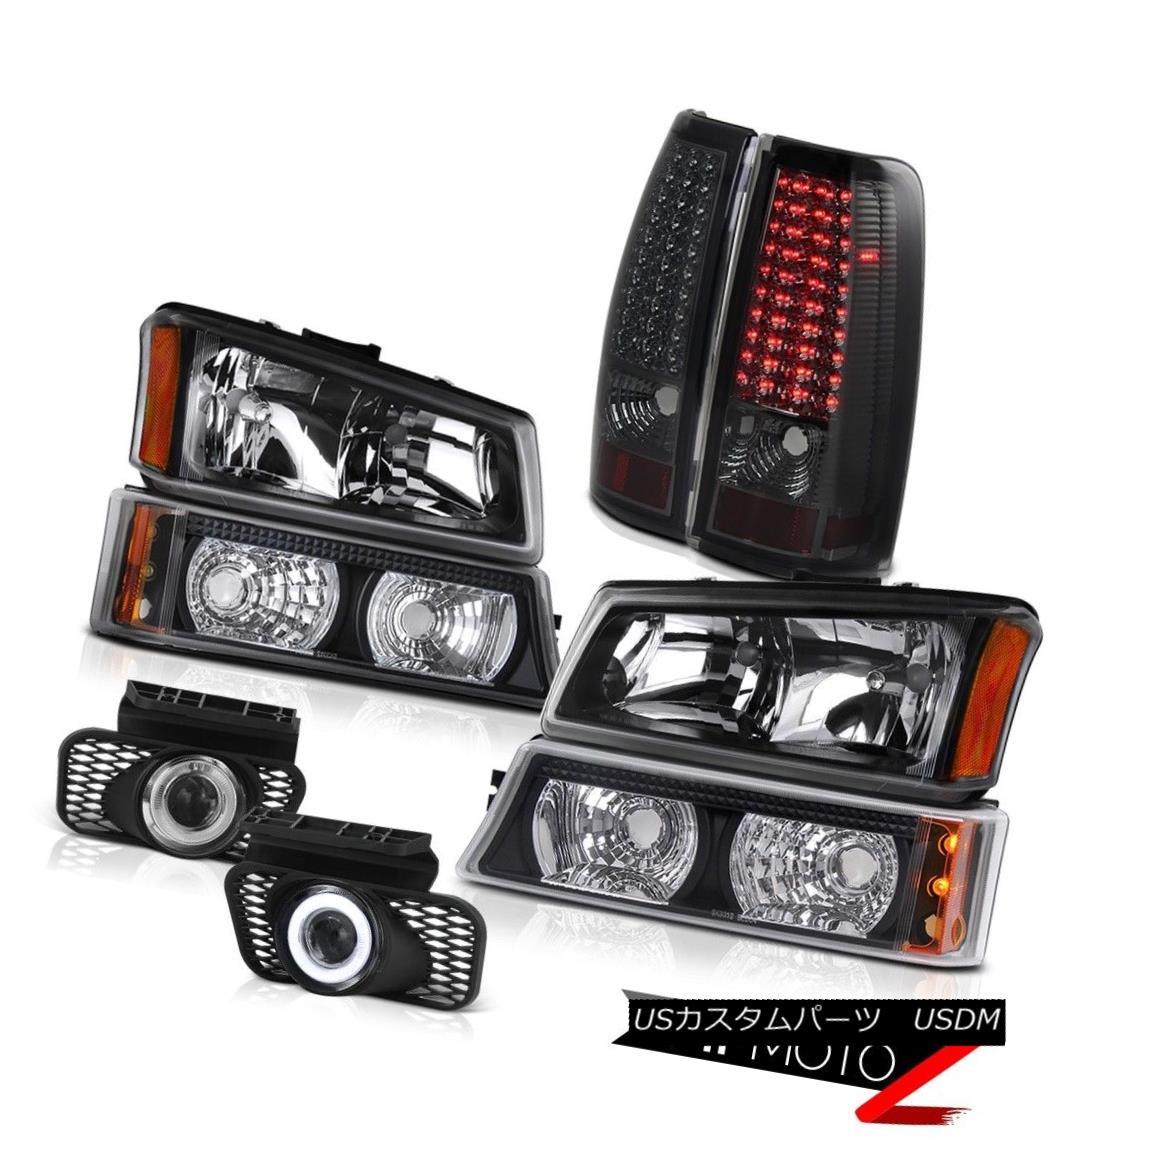 テールライト Pair Headlight Signal Smoke LED Taillight Projector Fog Lamps Silverado 3500HD ペアヘッドライト信号スモークLEDテールライトプロジェクターフォグランプSilverado 3500HD